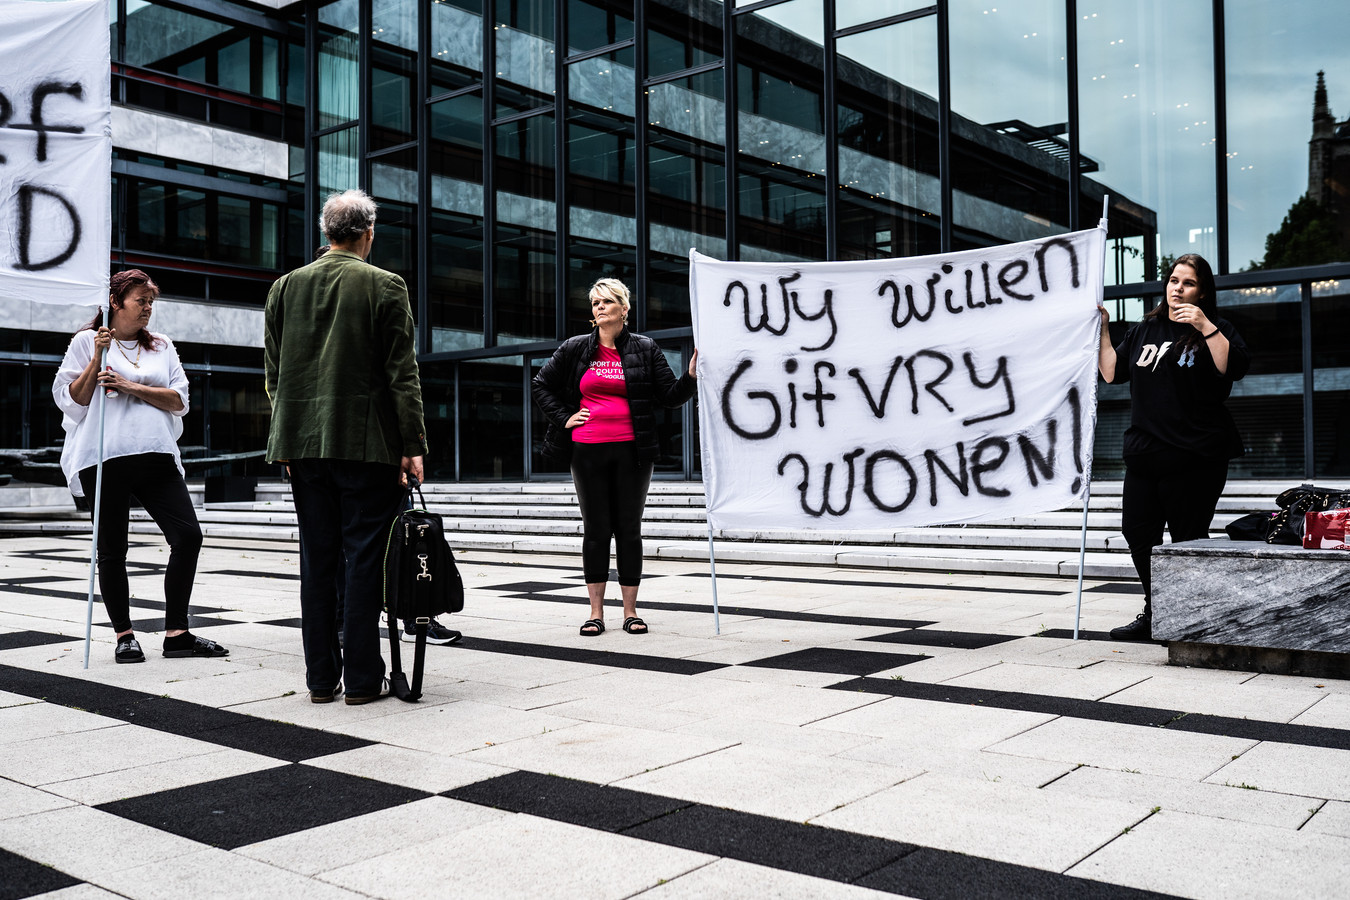 De teksten op de spandoeken bij het gemeentehuis spreken voor zich.